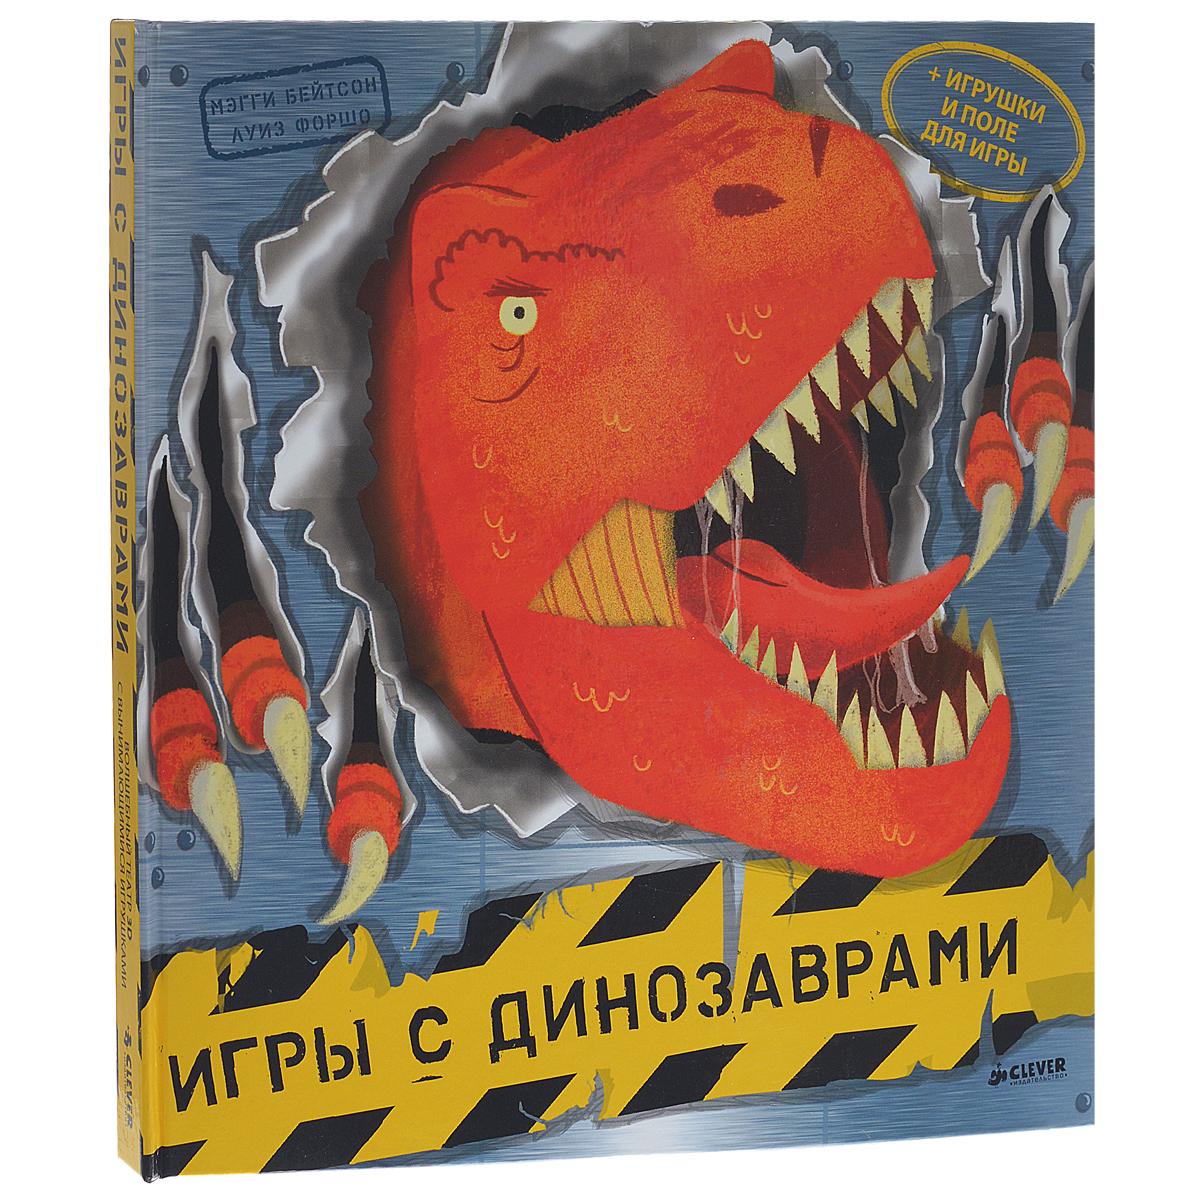 Игры с динозаврами12296407Что вас ждет под обложкой: ИГРЫ С ДИНОЗАВРАМИ - новая книжка 3 в 1. Это и захватывающая история о приключениях Чарли и Эмили, и вынимающиеся фигурки, и объёмные декорации… и все это о динозаврах! Под обложкой книги динозавры оживают, машинки и вертолёты спасают Эмили и Чарли, а вы становитесь создателем захватывающего триллера! Прочитайте историю Чарли и Эмили и помогите им спастись от разъяренных динозавров. Гид для родителей: Многие мальчишки и девчонки обожают динозавров, именно поэтому мы и решили создать уникальную книжку ИГРЫ С ДИНОЗАВРАМИ, которую можно почитать и в которую стоит играть. Книга адресована детям в возрасте от 3 до 7 лет, как для самостоятельного изучения, так и для семейного чтения и игр. Книга ИГРЫ С ДИНОЗАВРАМИ выполнена из качественного материала, игрушки и фигурки долго прослужат ребенку и будут сопутствовать с ним не одну игру! Фантазируйте и создавайте свои сюжеты, продолжайте увлекательные приключения, ведь только вы можете...